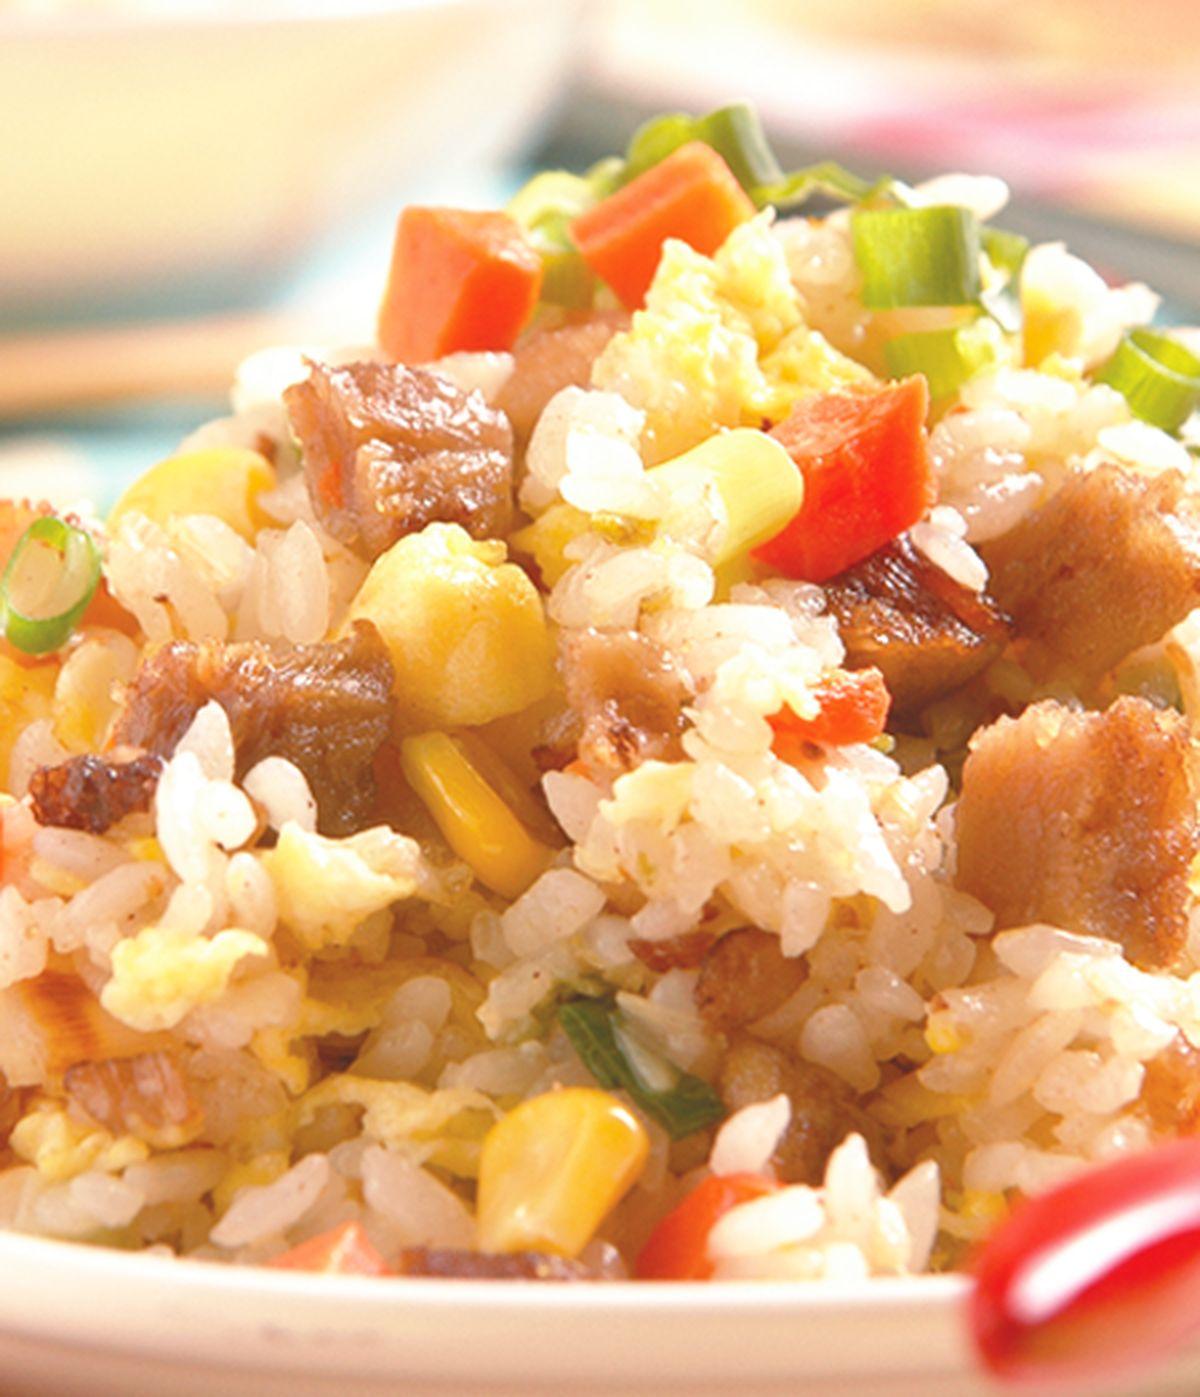 食譜:臘肉炒飯